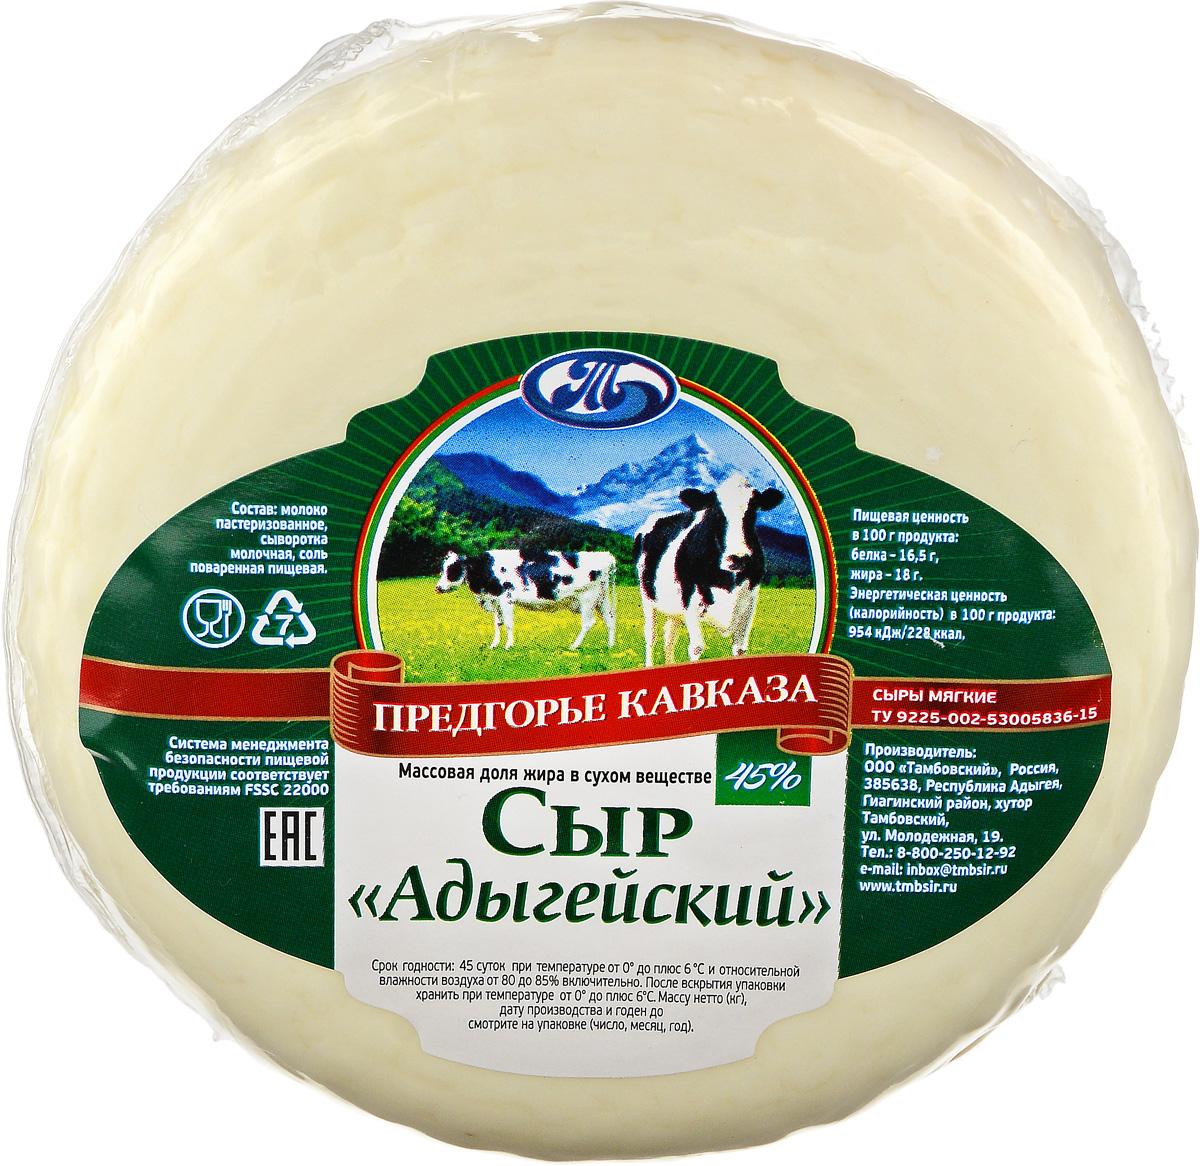 Предгорье Кавказа Сыр Адыгейский, 45%, 300 г село зеленое сыр гауда премиум 40% 250 г